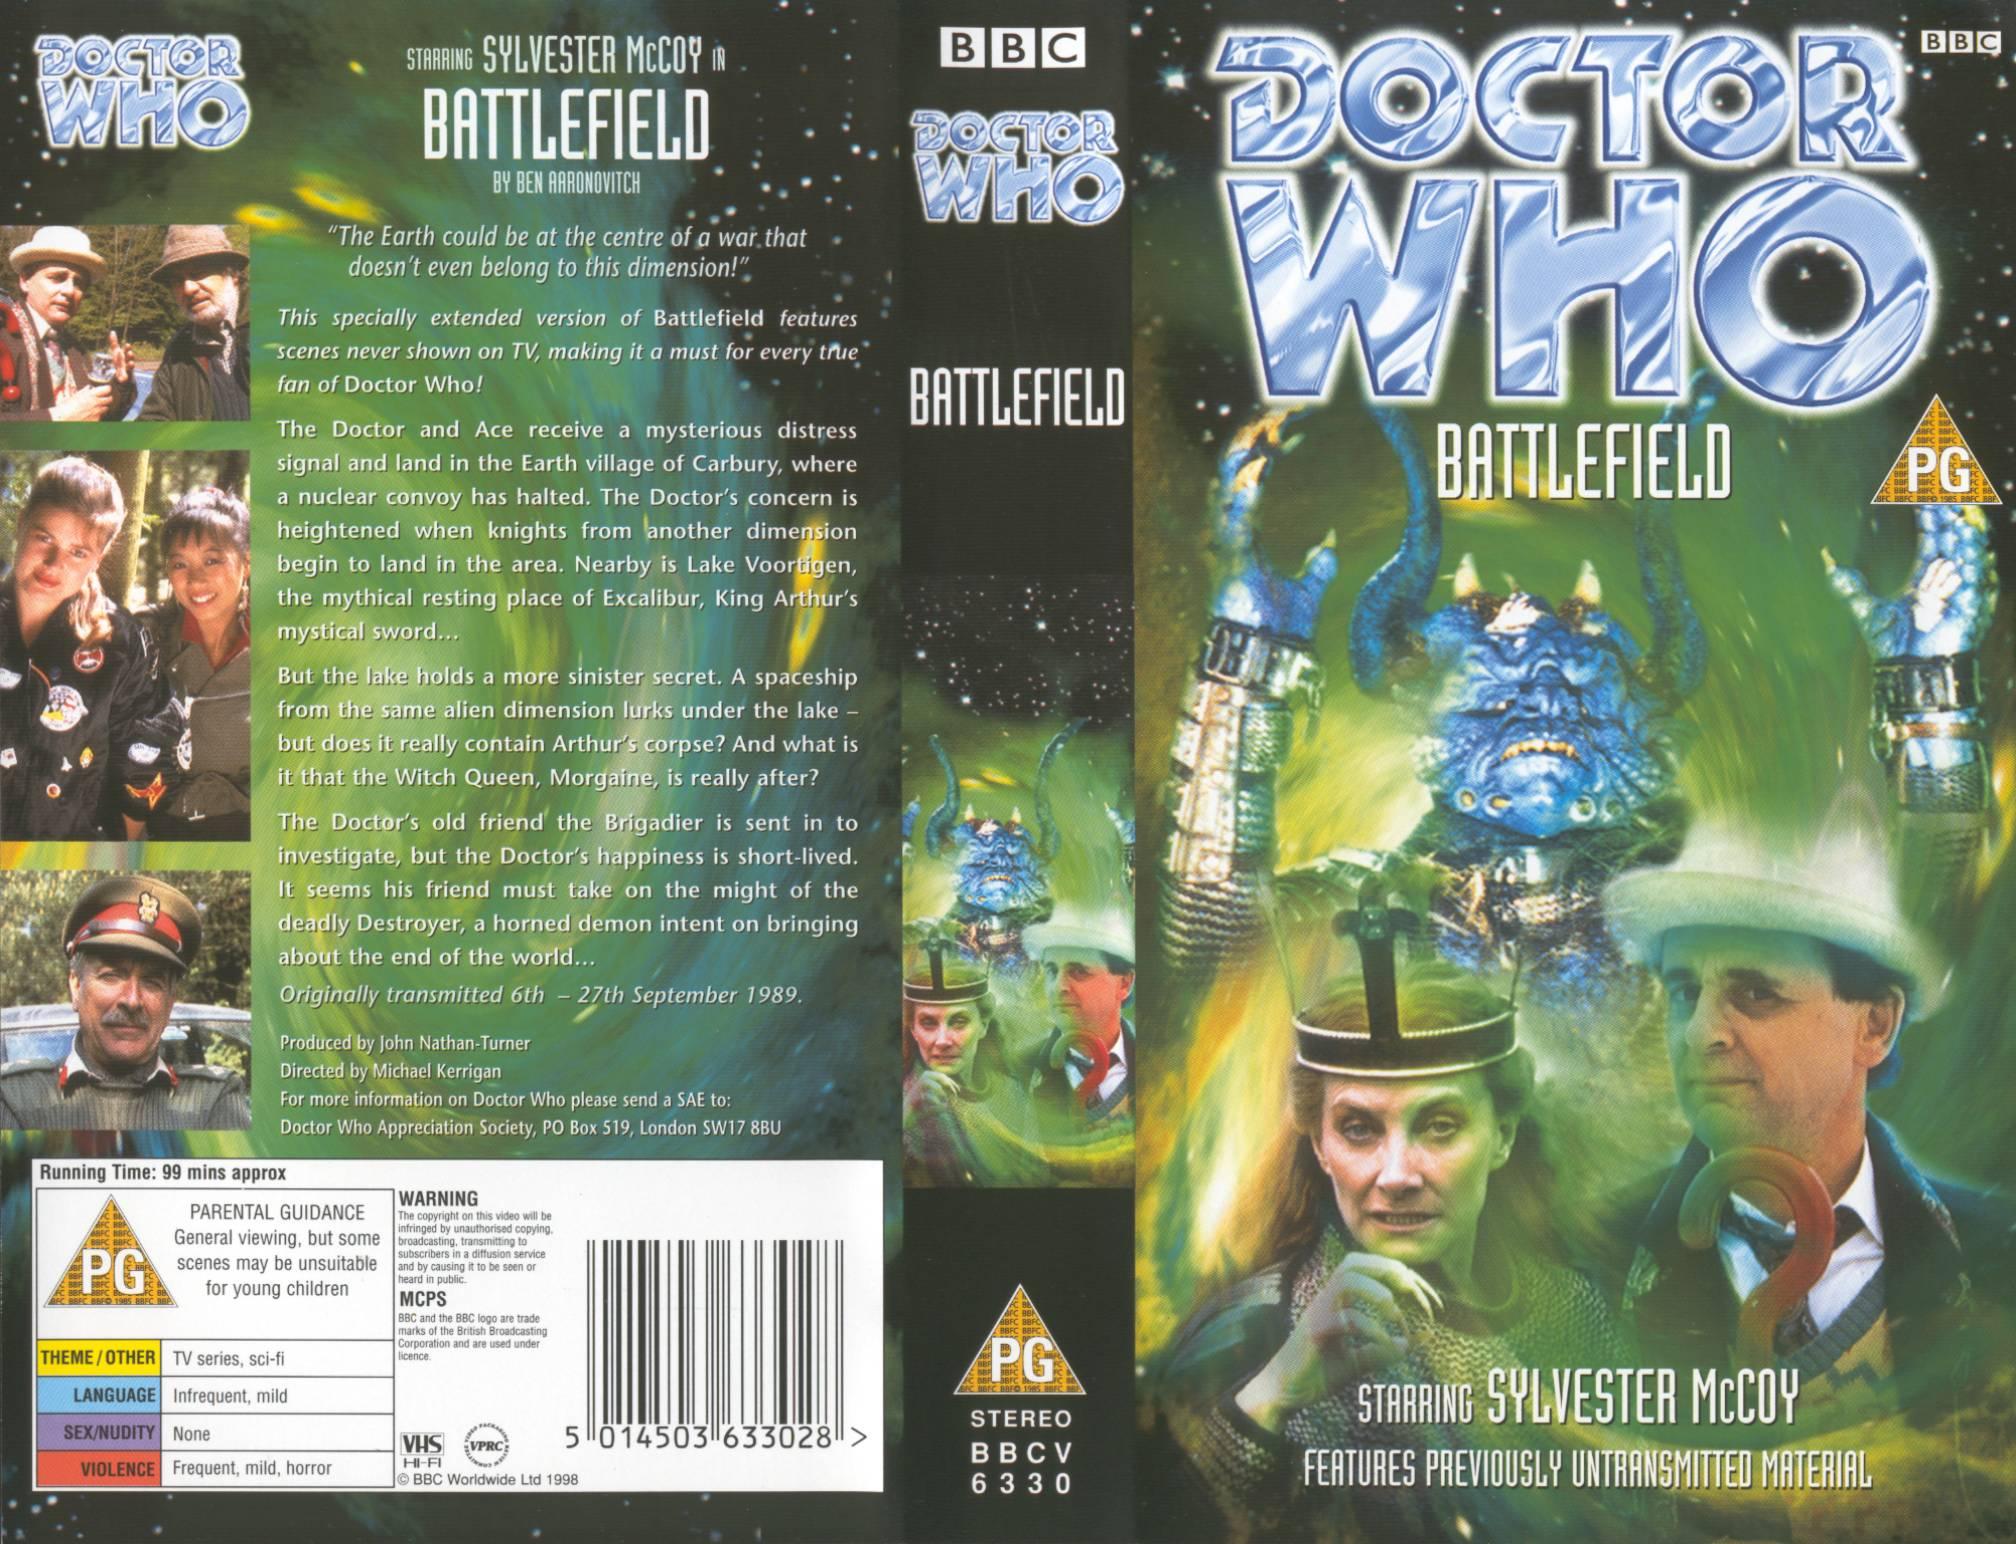 Battlefield VHS